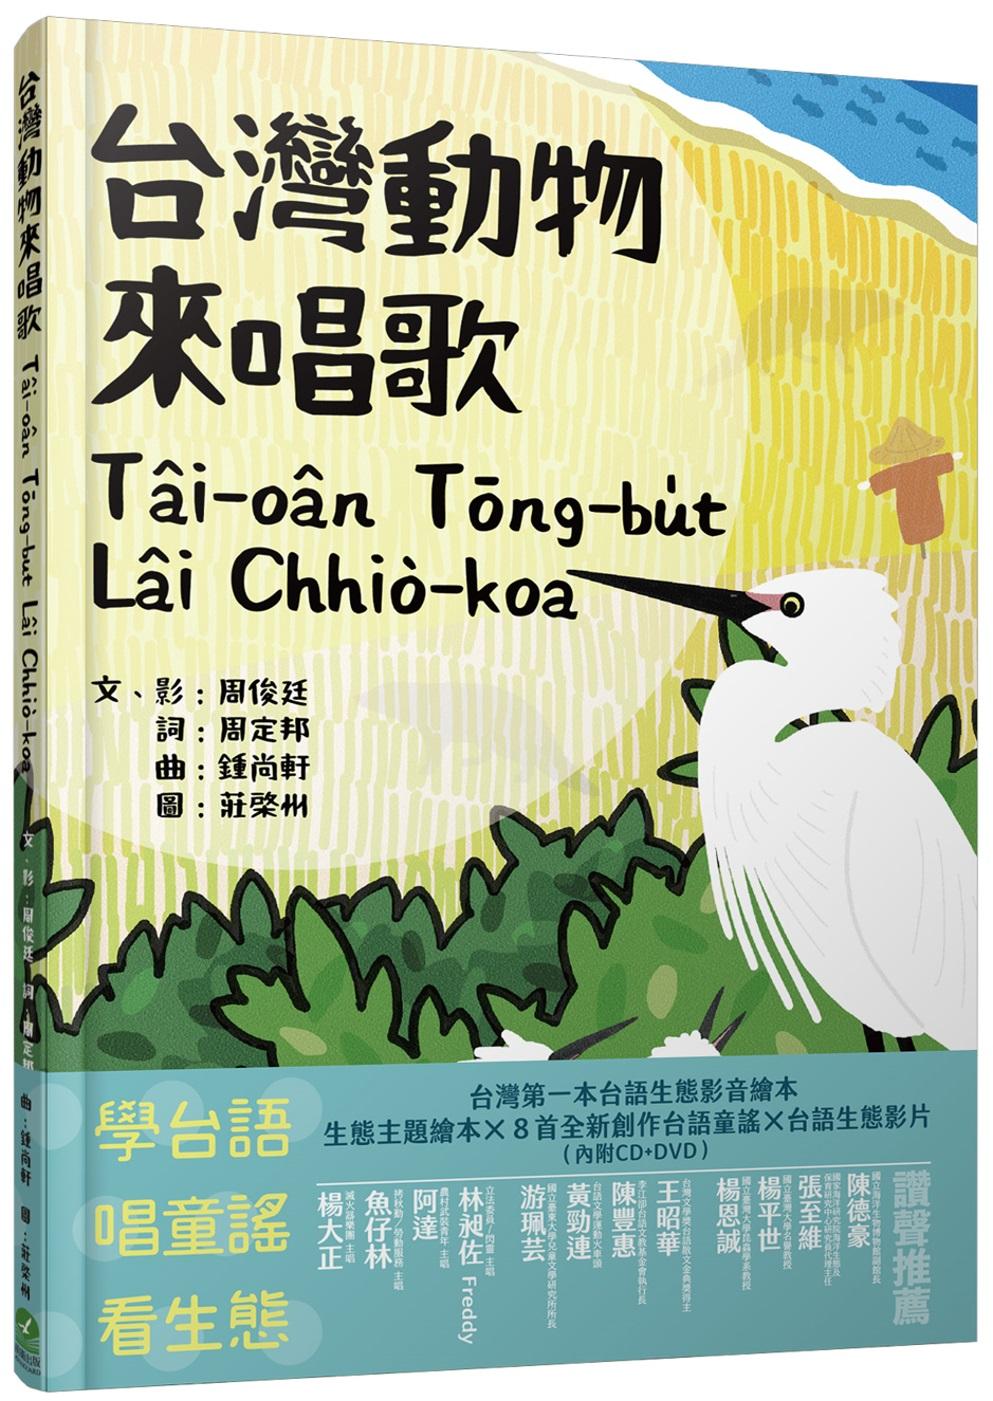 台灣動物來唱歌Tâi-oân Tōng-bu̍t Lâi Chhiò-koa:台語生態童謠影音繪本